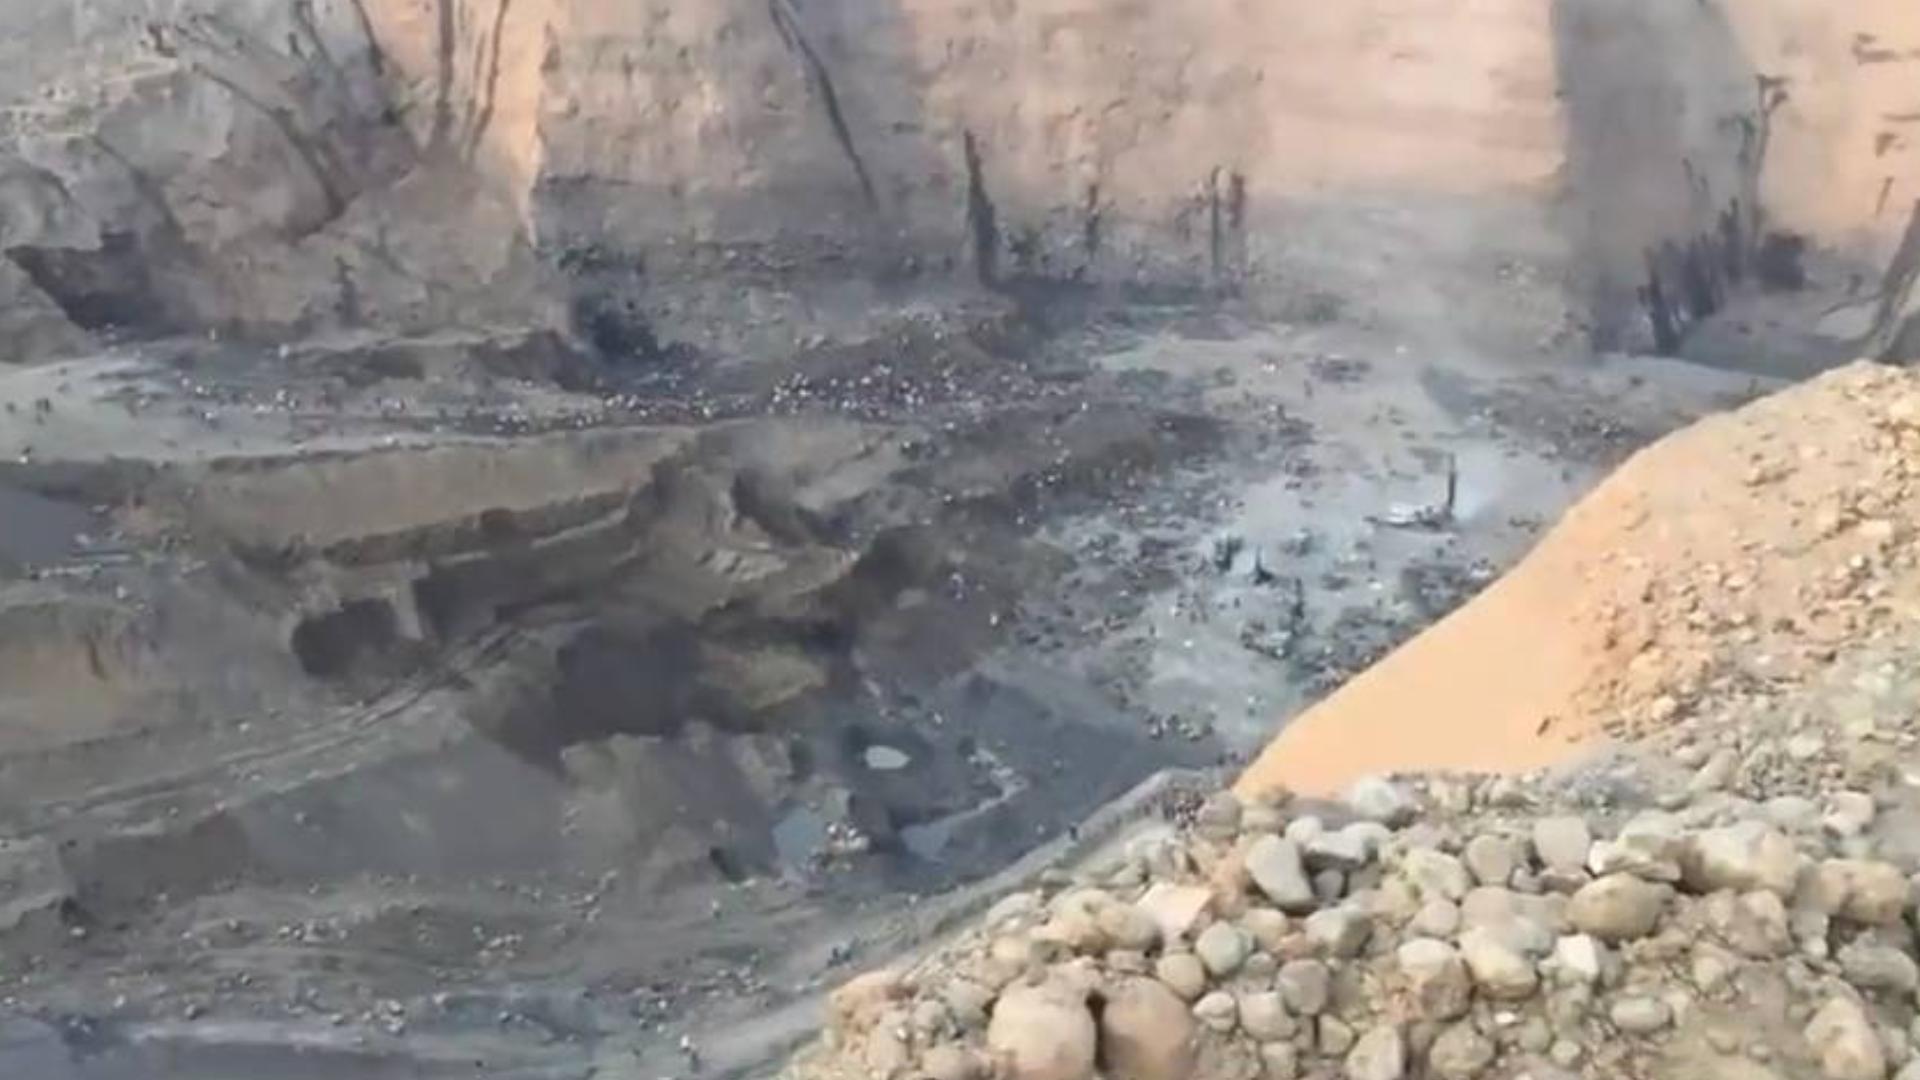 缅甸翡翠矿区纪实:千米悬崖底的挖玉人,记录千人挖石现场!